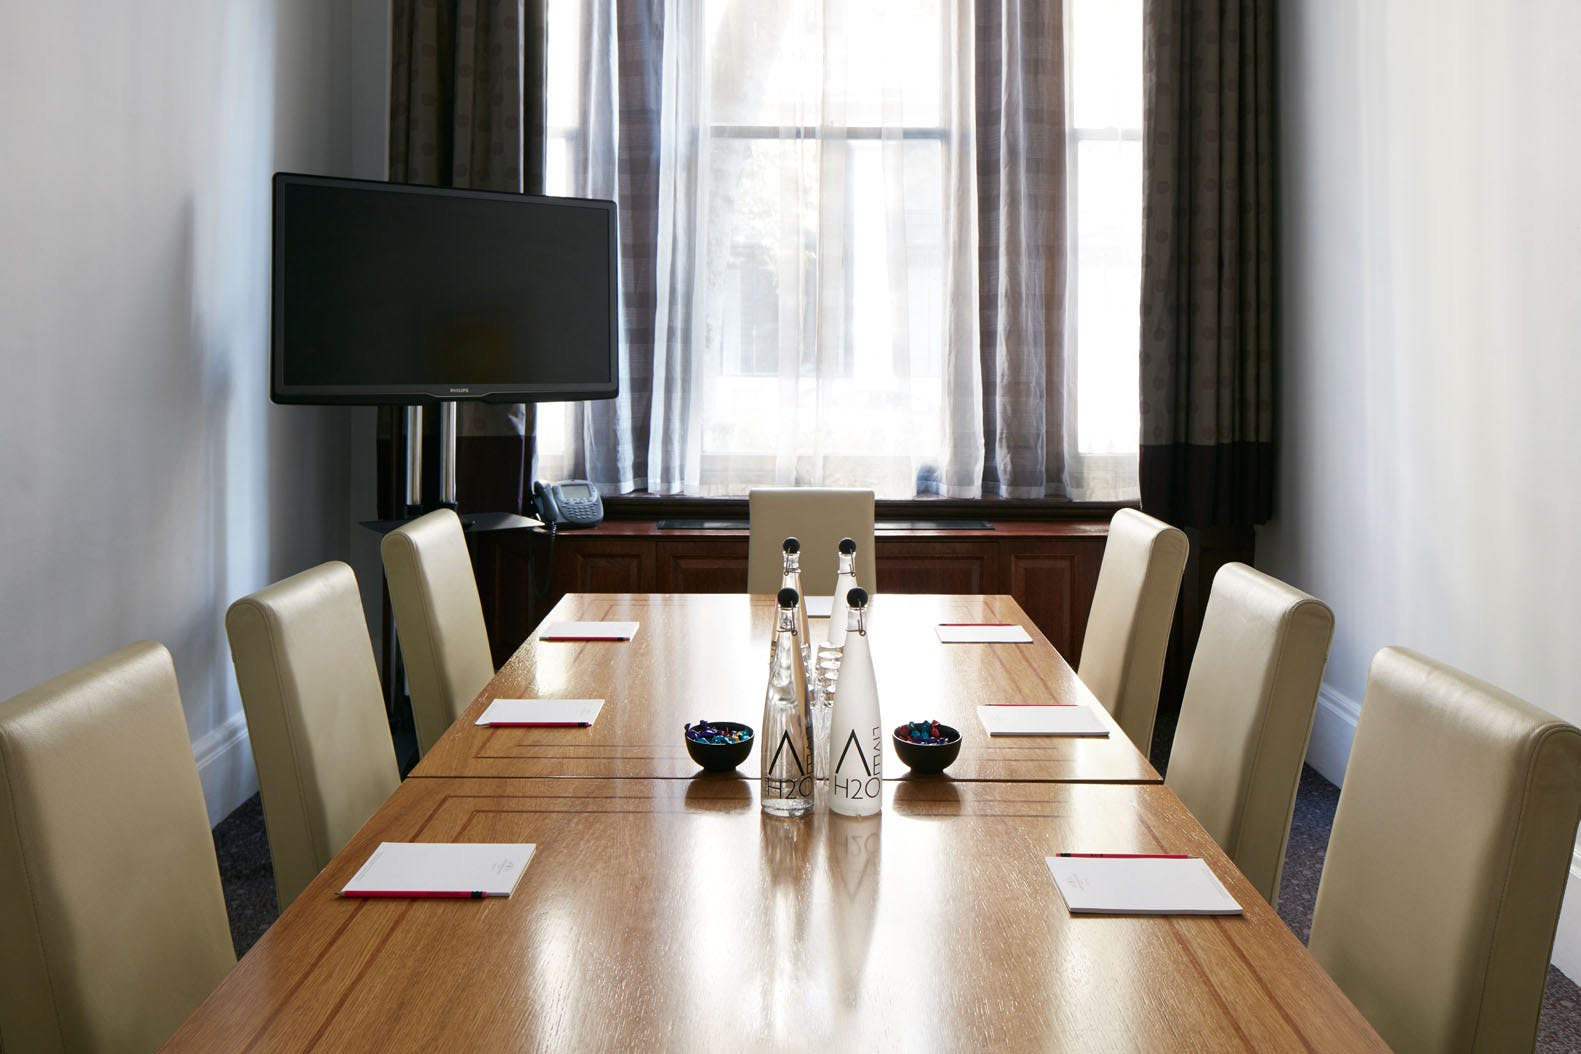 Meeting Room at Club Quarters Hotel, Trafalgar Square, London